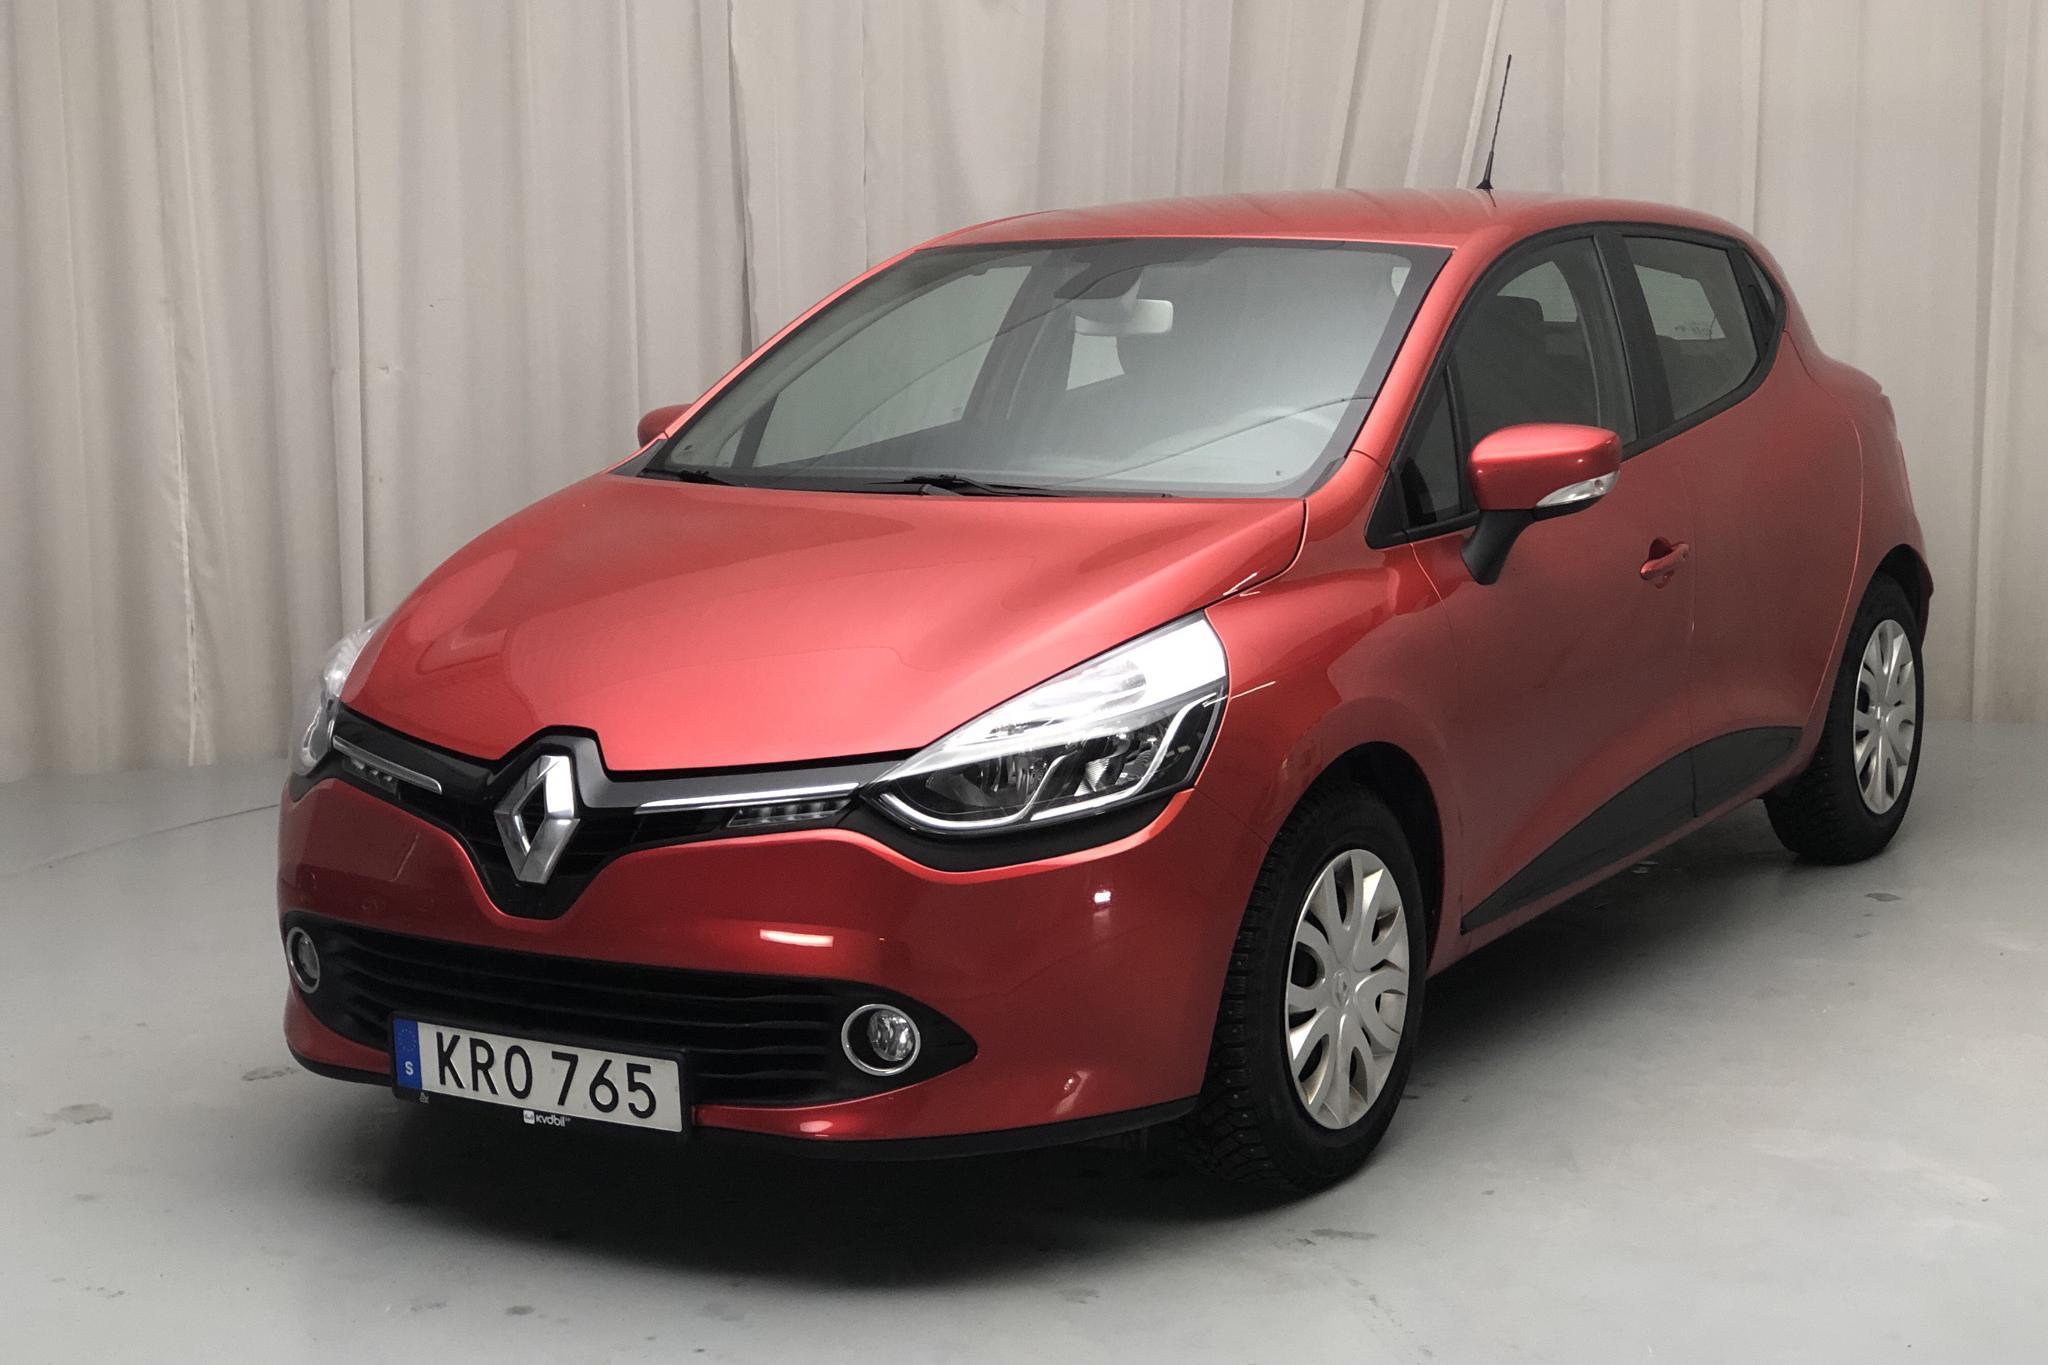 Renault Clio IV 1.2 16V 5dr (75hk) - 6 188 mil - Manuell - röd - 2015